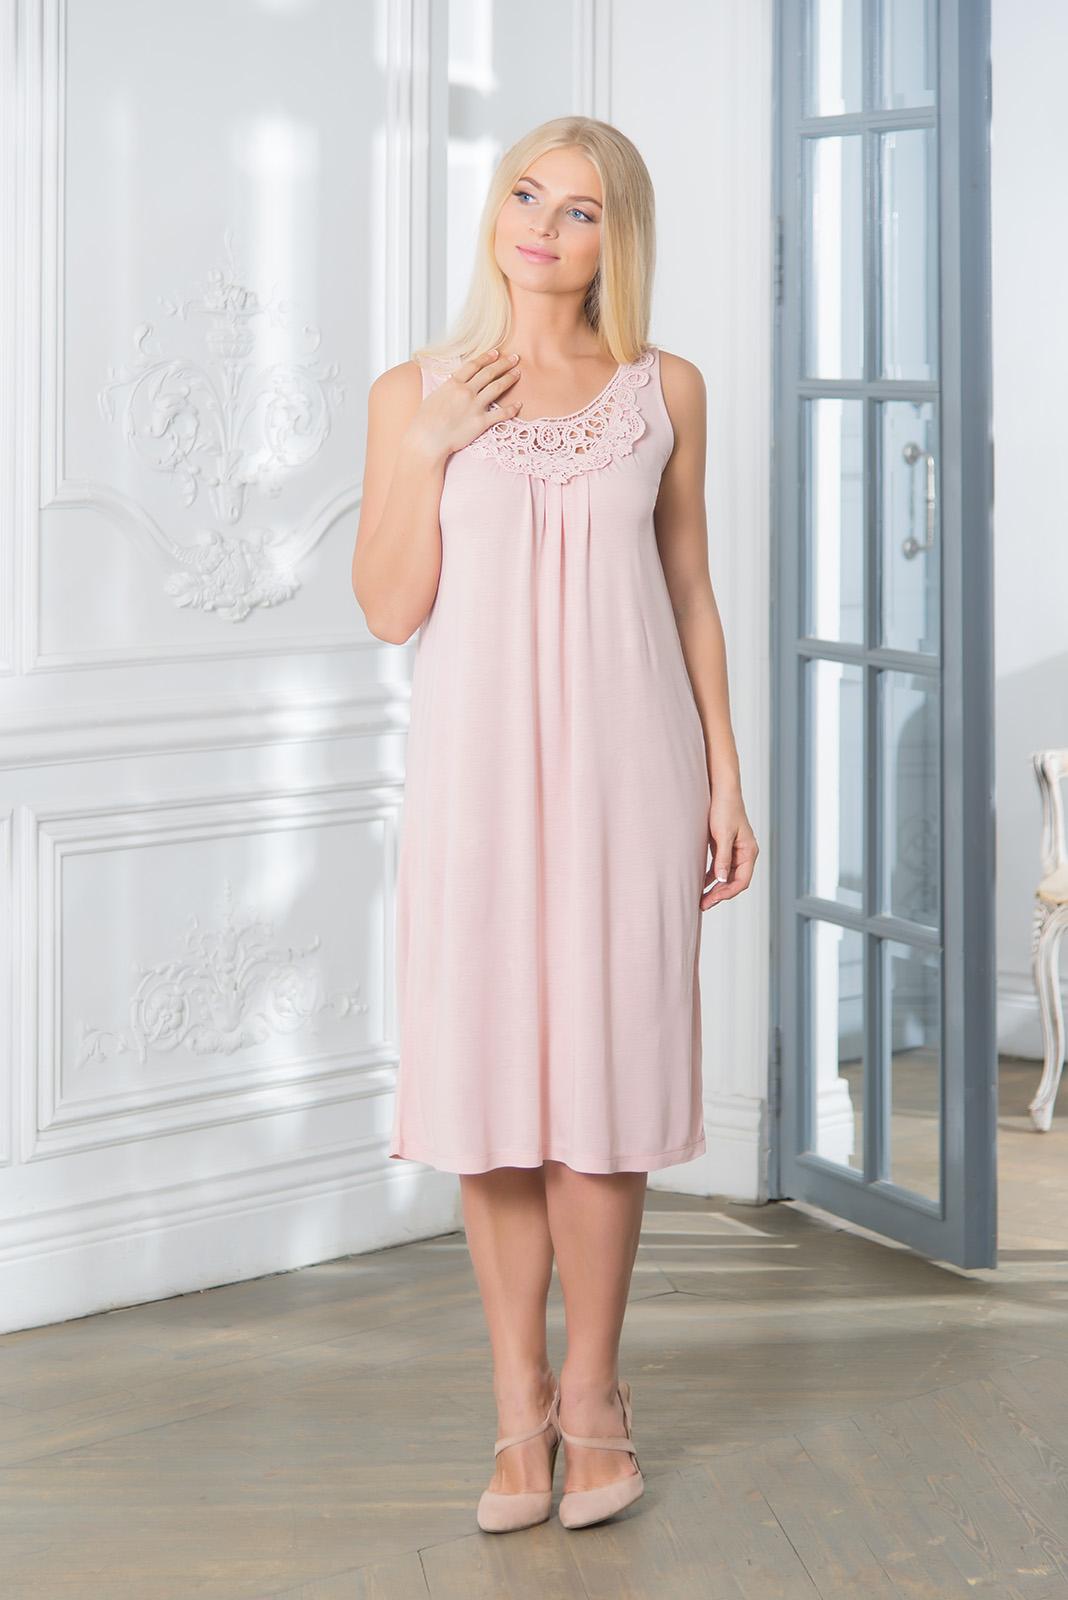 Ночные сорочки Mia Cara Ночная сорочка Aureole Цвет: Розовый (S) пижамы mia cara пижама paisley цвет розовый m l